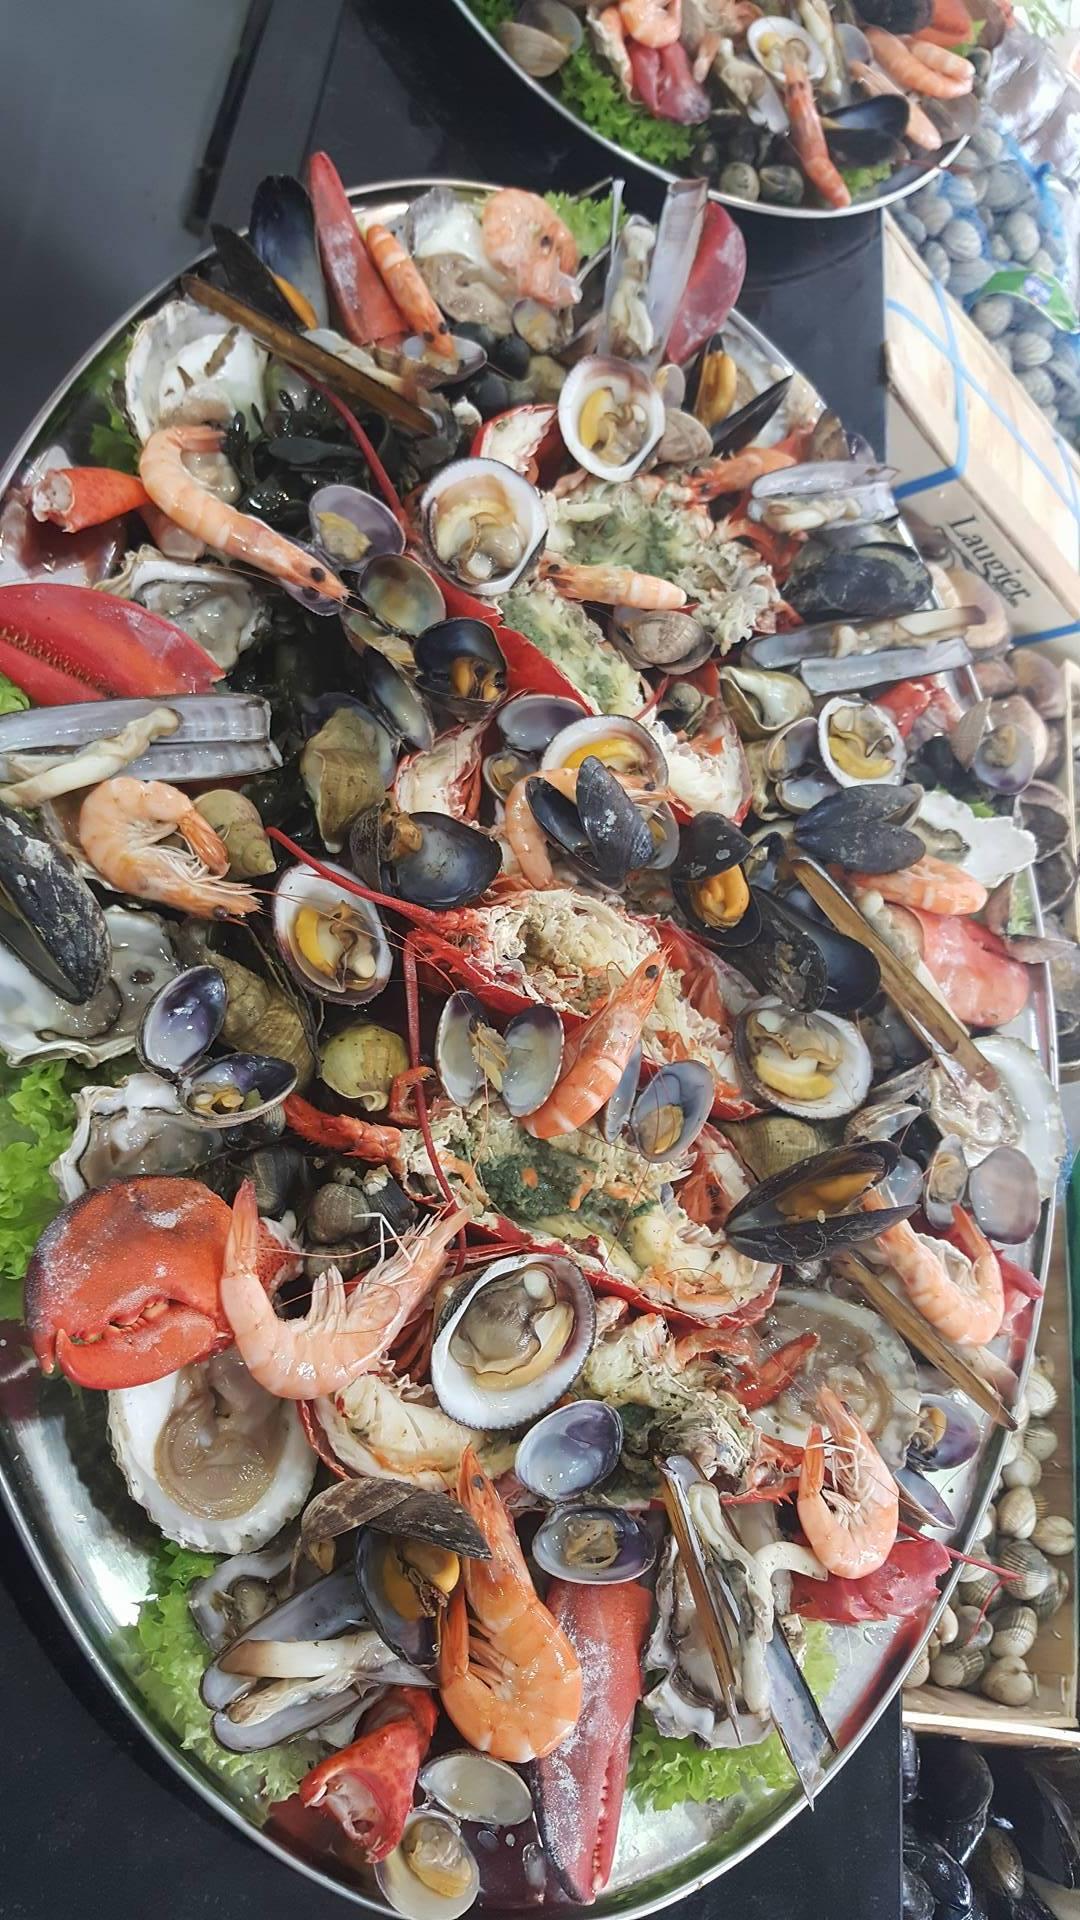 Traiteur -img12 • Livraison de poissons • Poissonnerie • Restaurant • Traiteur à Anderlecht